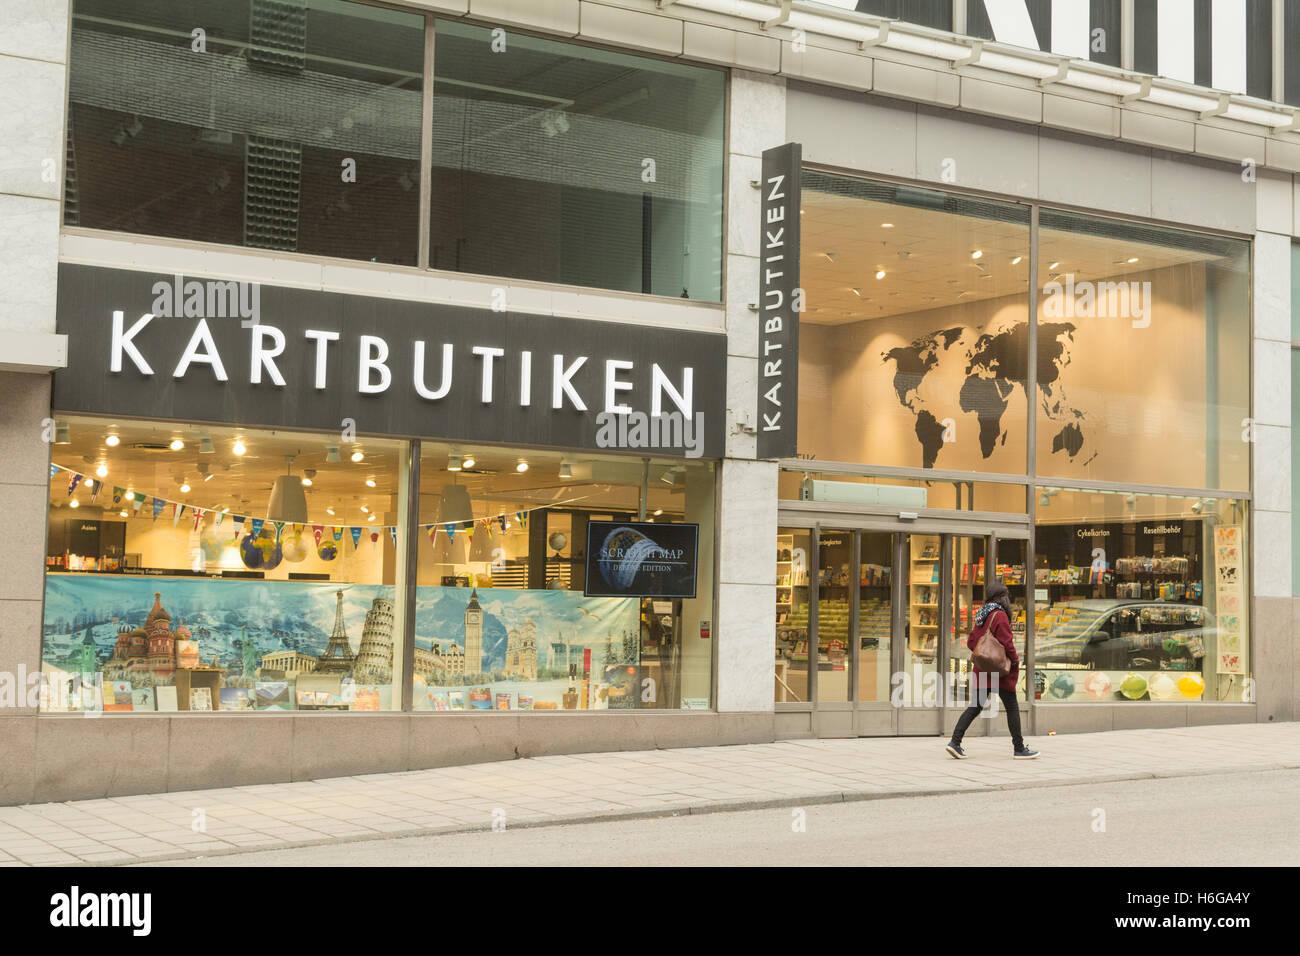 Karte und Reisen Buchhandlung Kartbutiken in Stockholm Stockbild